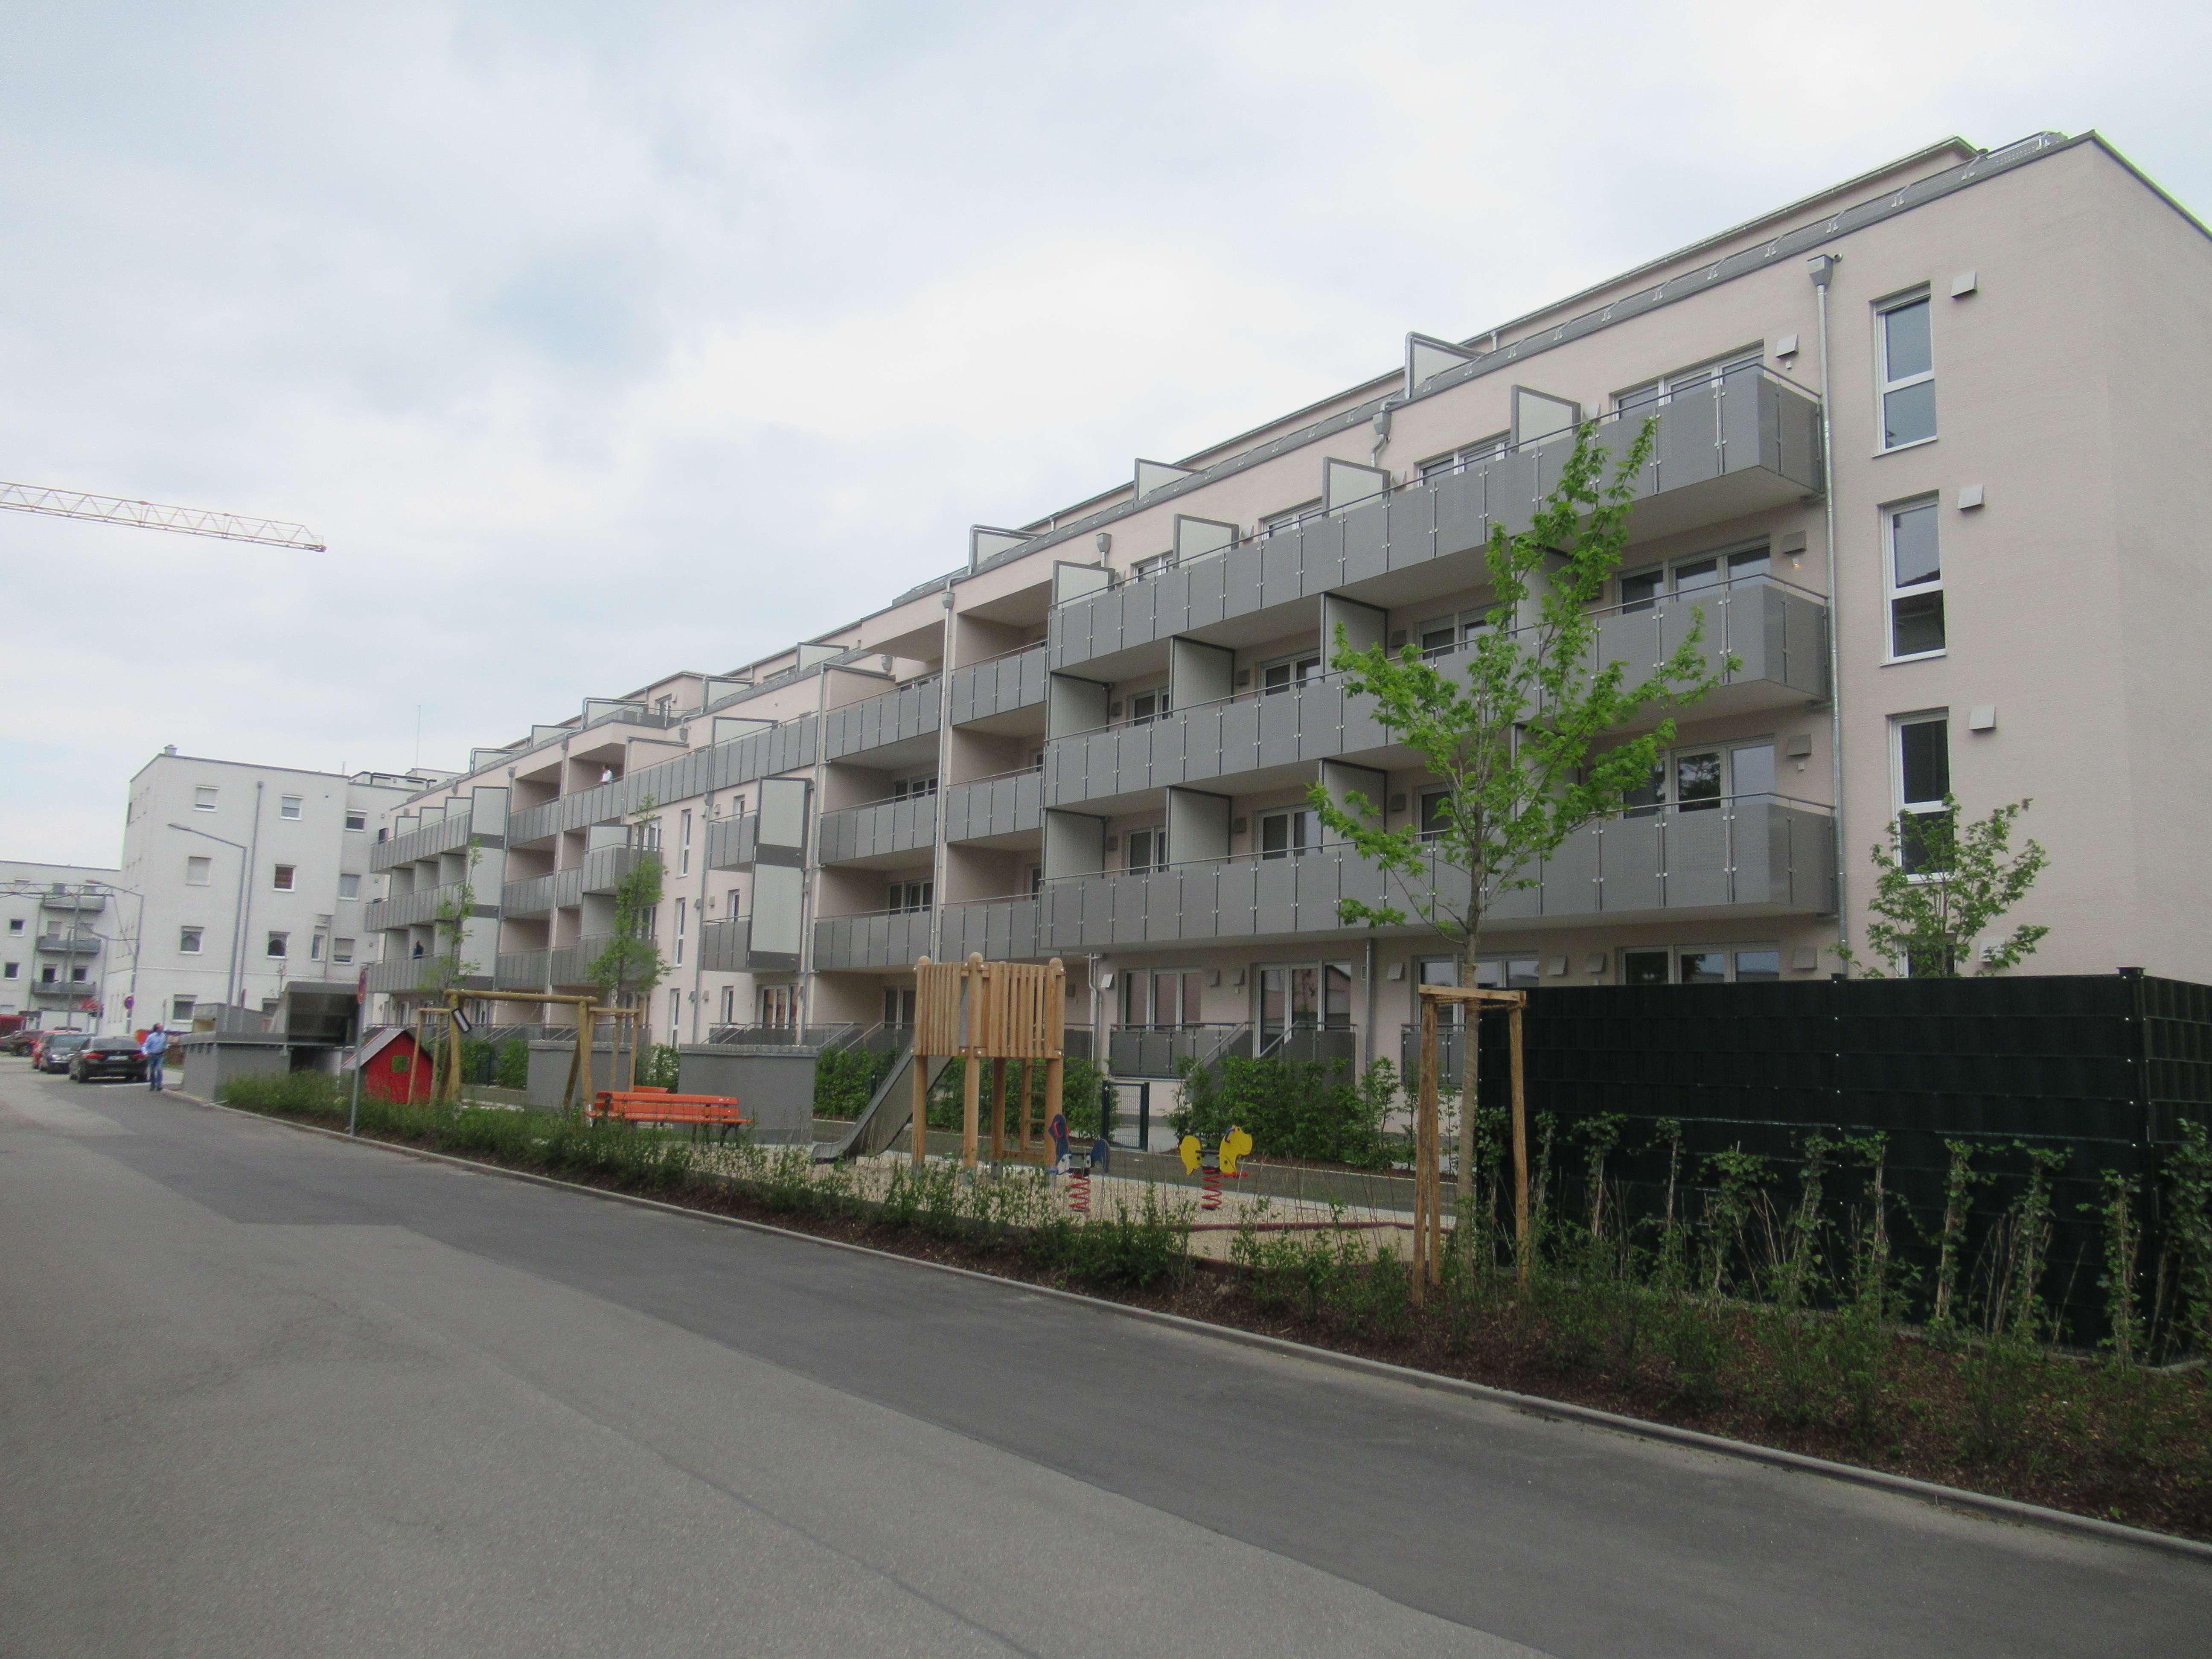 Erstbezug: Vermietung von 2 schönen kleinen Wohnungen mit EBK und Balkon in